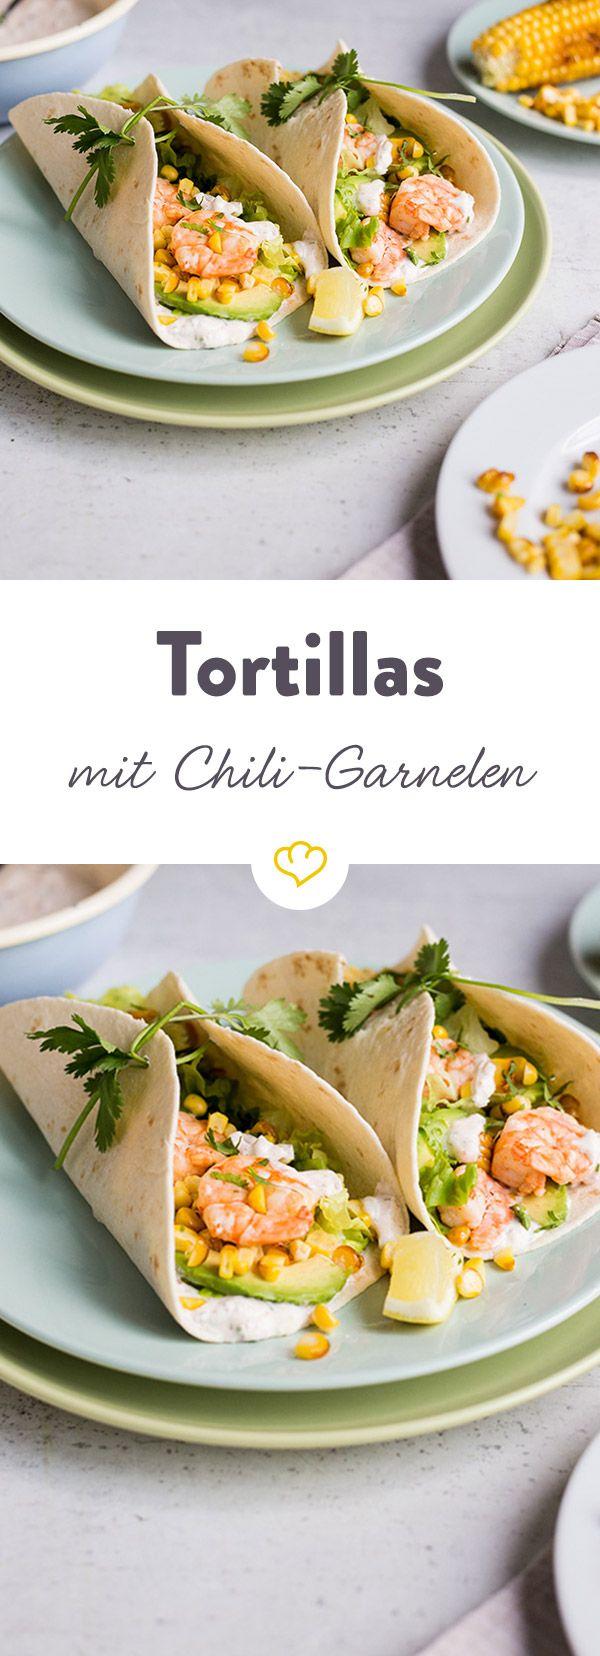 Frischer Koriander gibt den marinierten Garnelen und der würzigen Tortilla-Sauce den richtigen Pepp. Angenehm pikant, lecker und schnell gemacht!